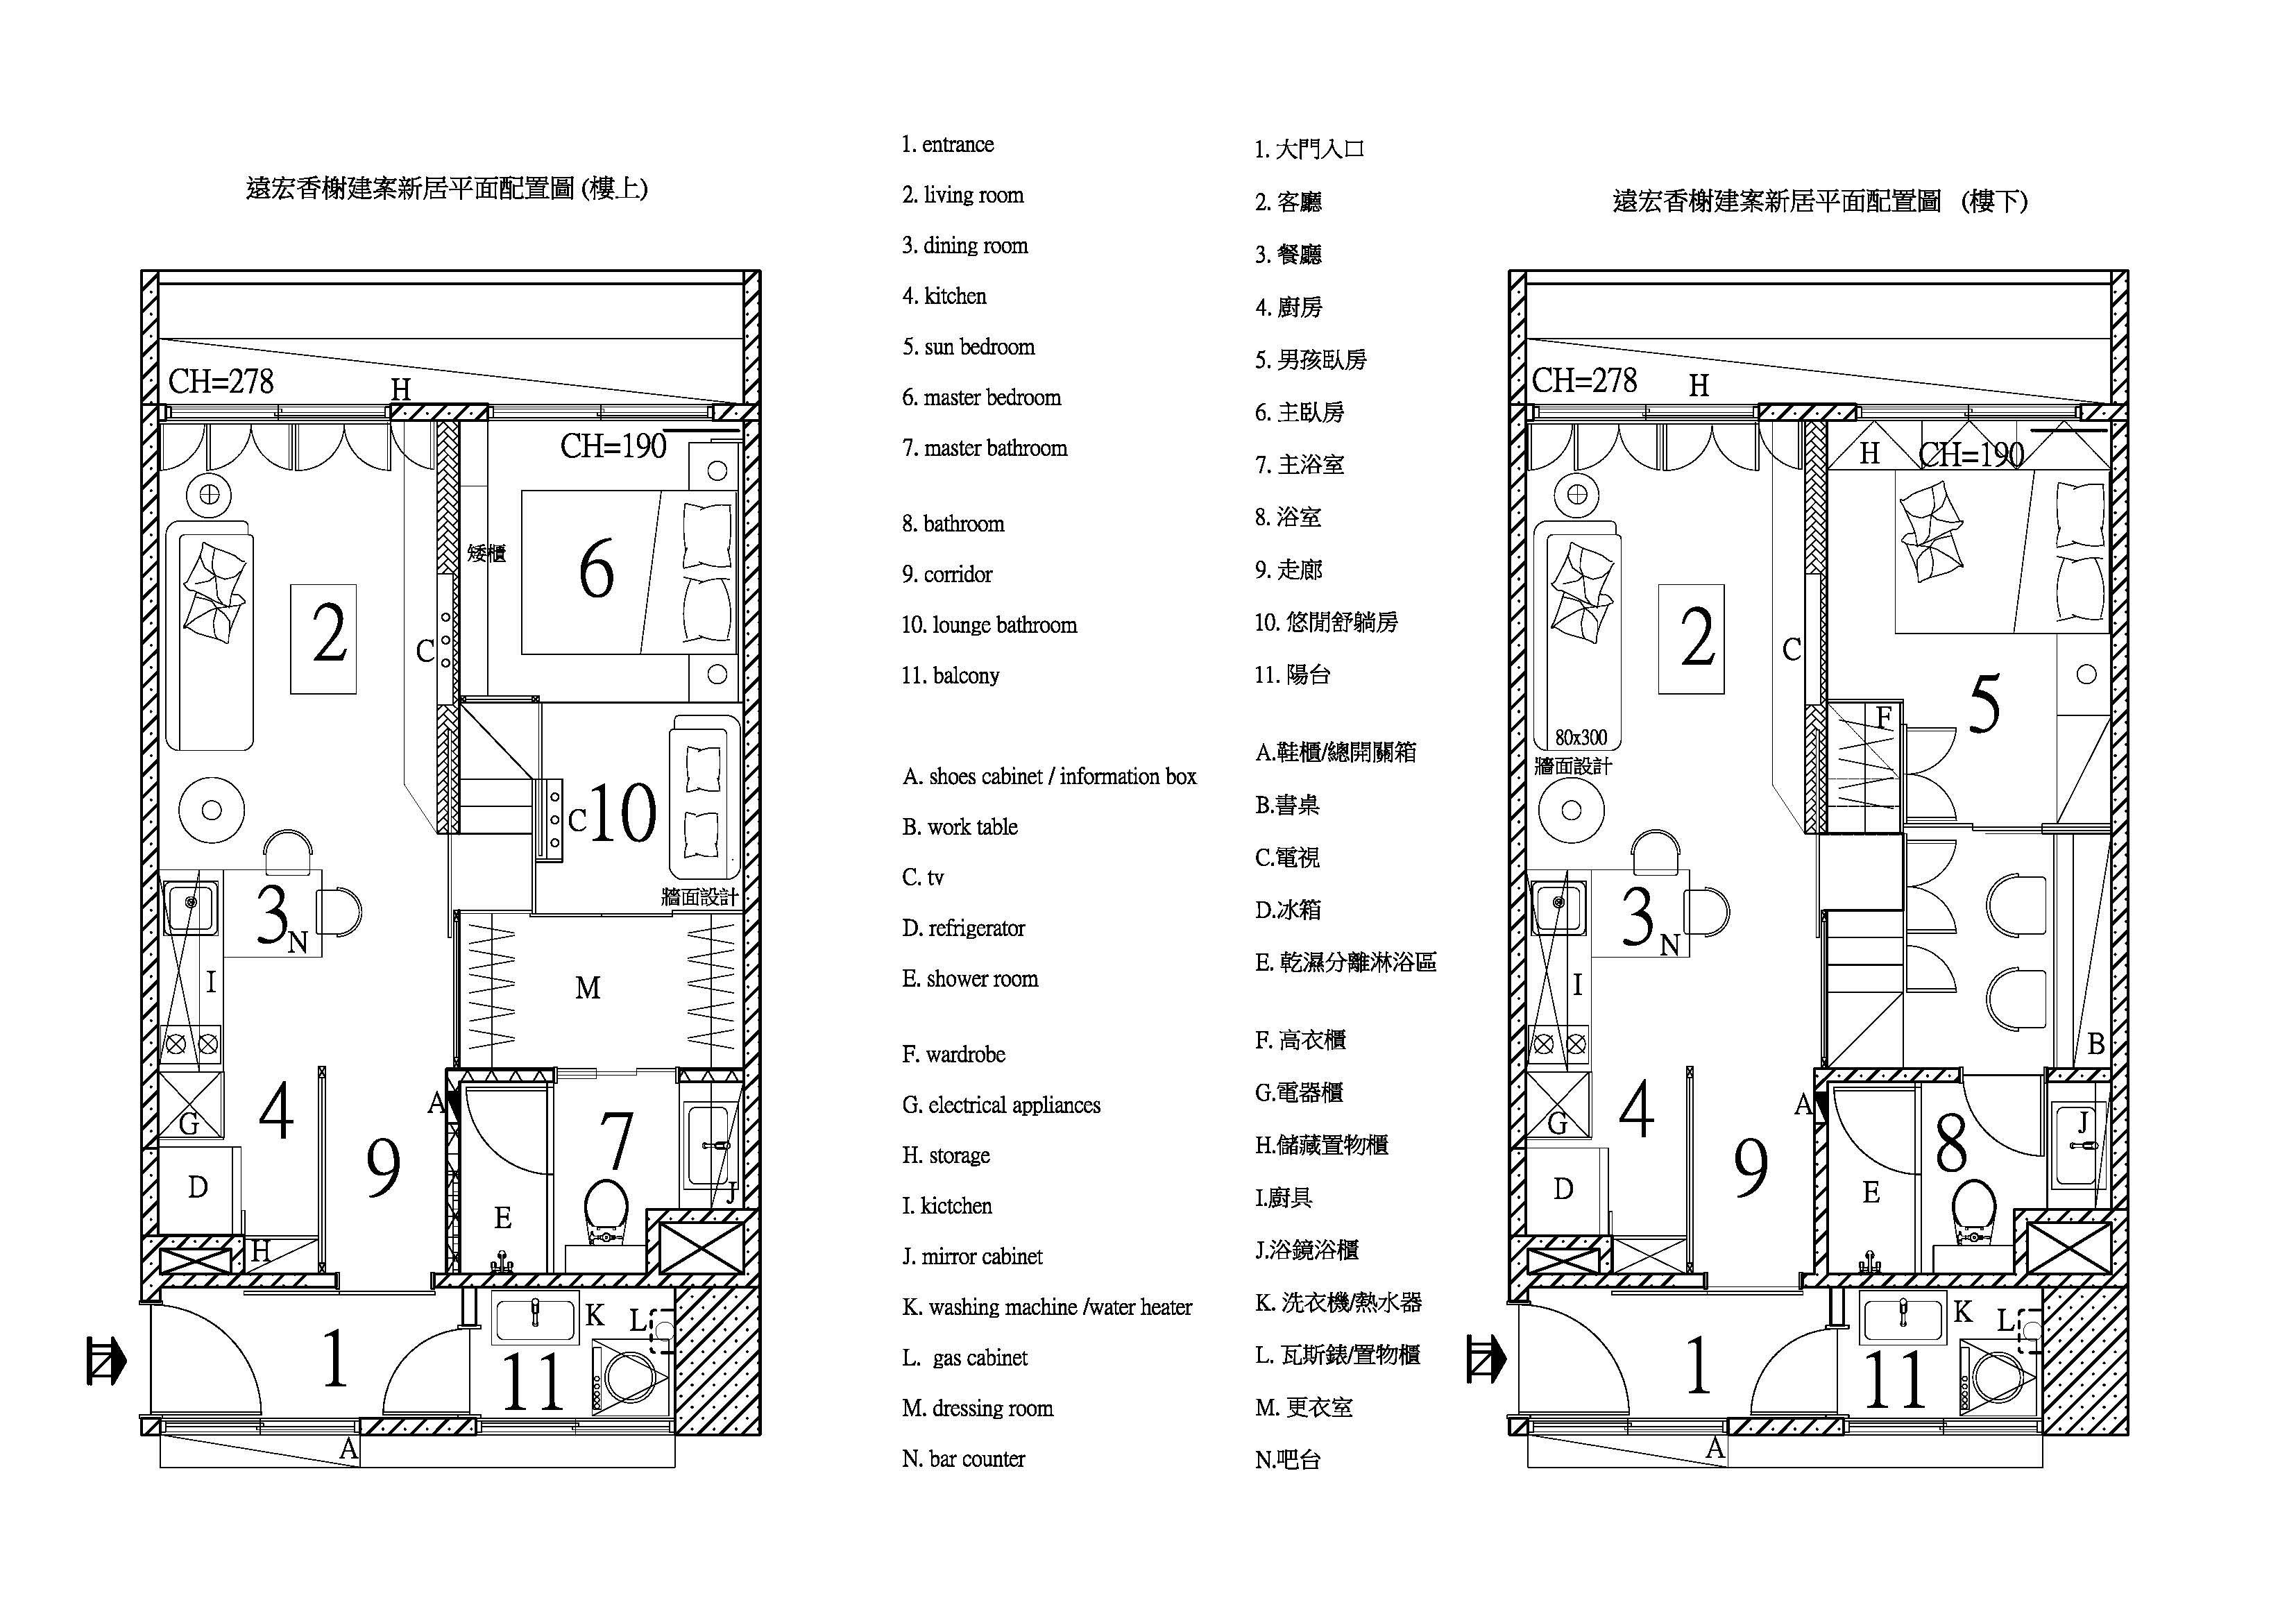 遠宏香榭建案平面圖 Model (1)